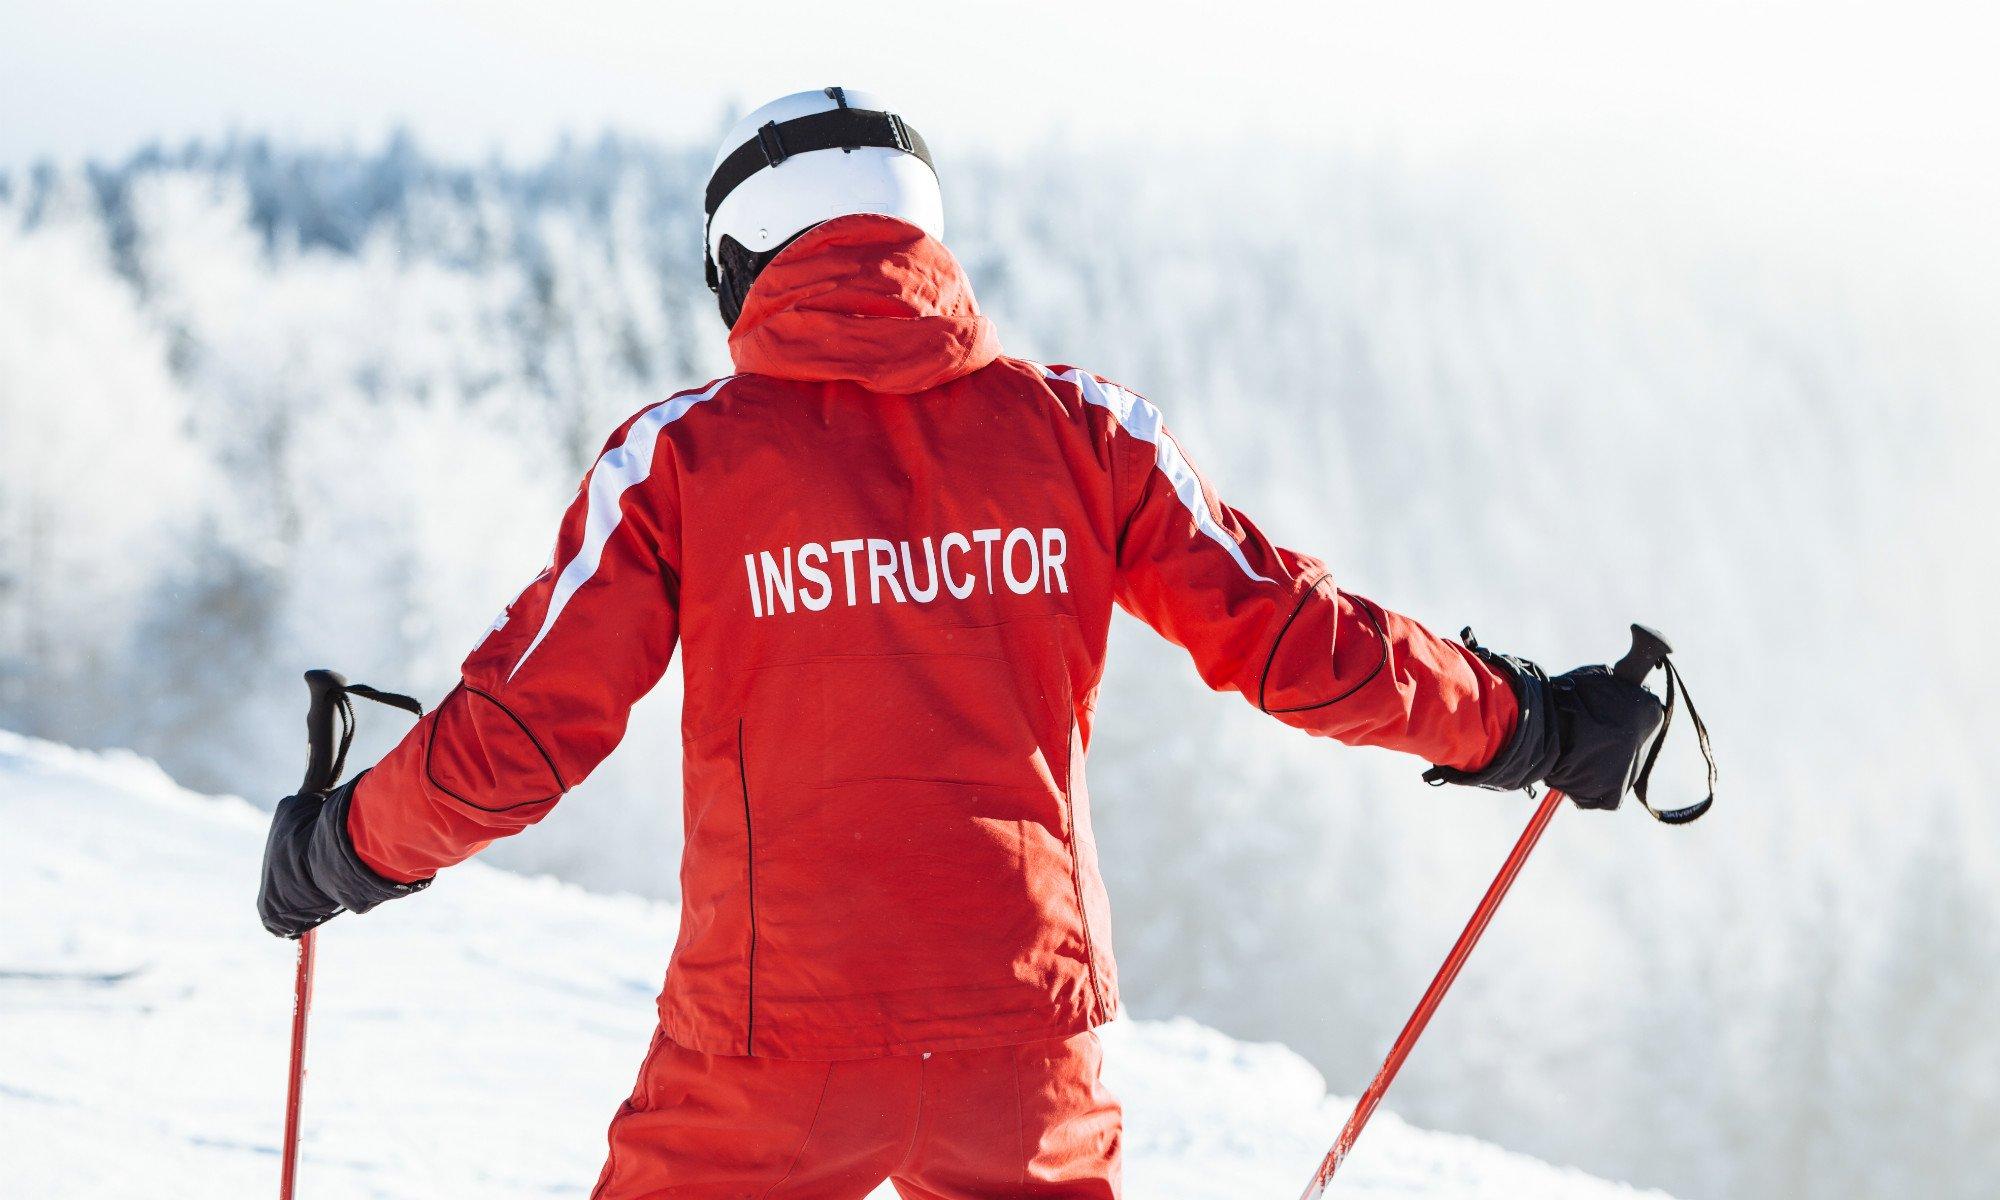 Un moniteur de ski est de dos sur une piste enneigée.